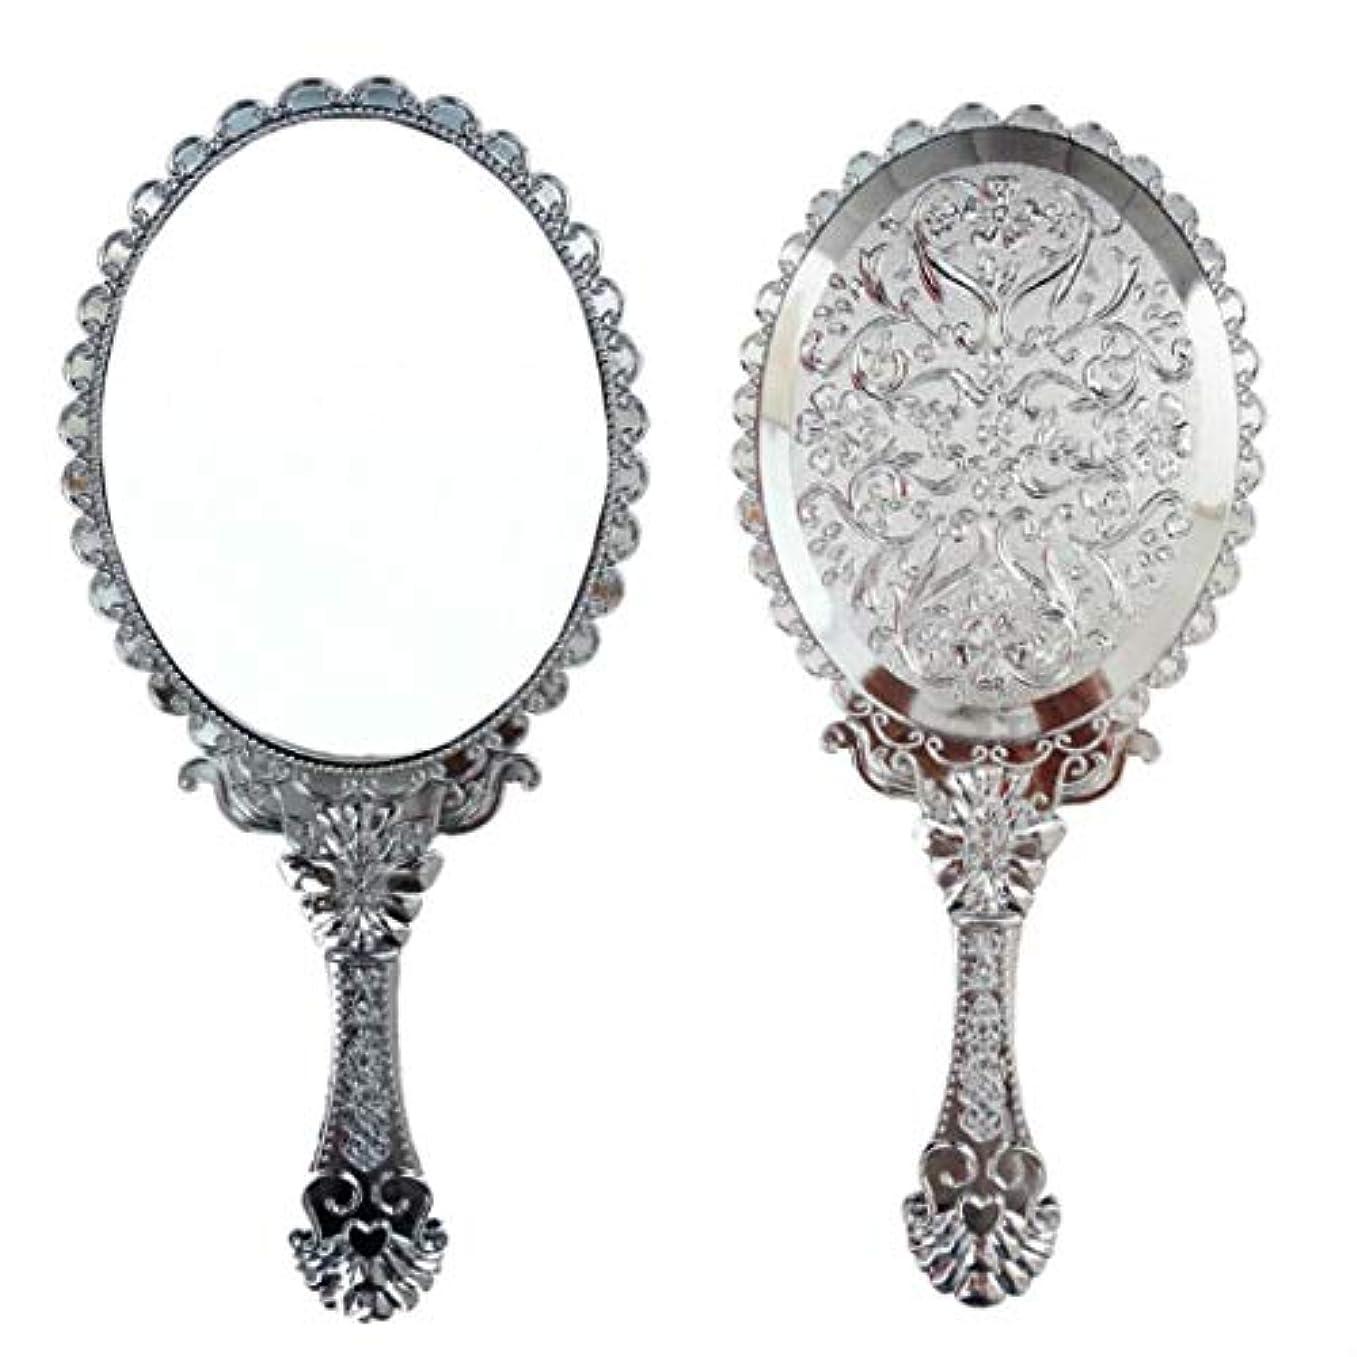 いらいらさせる火星百万送料無料 トゥインクル 楕円の鏡 メイク ポーチ 化粧 ミラー 手鏡 姫系ハンドミラー シルバー